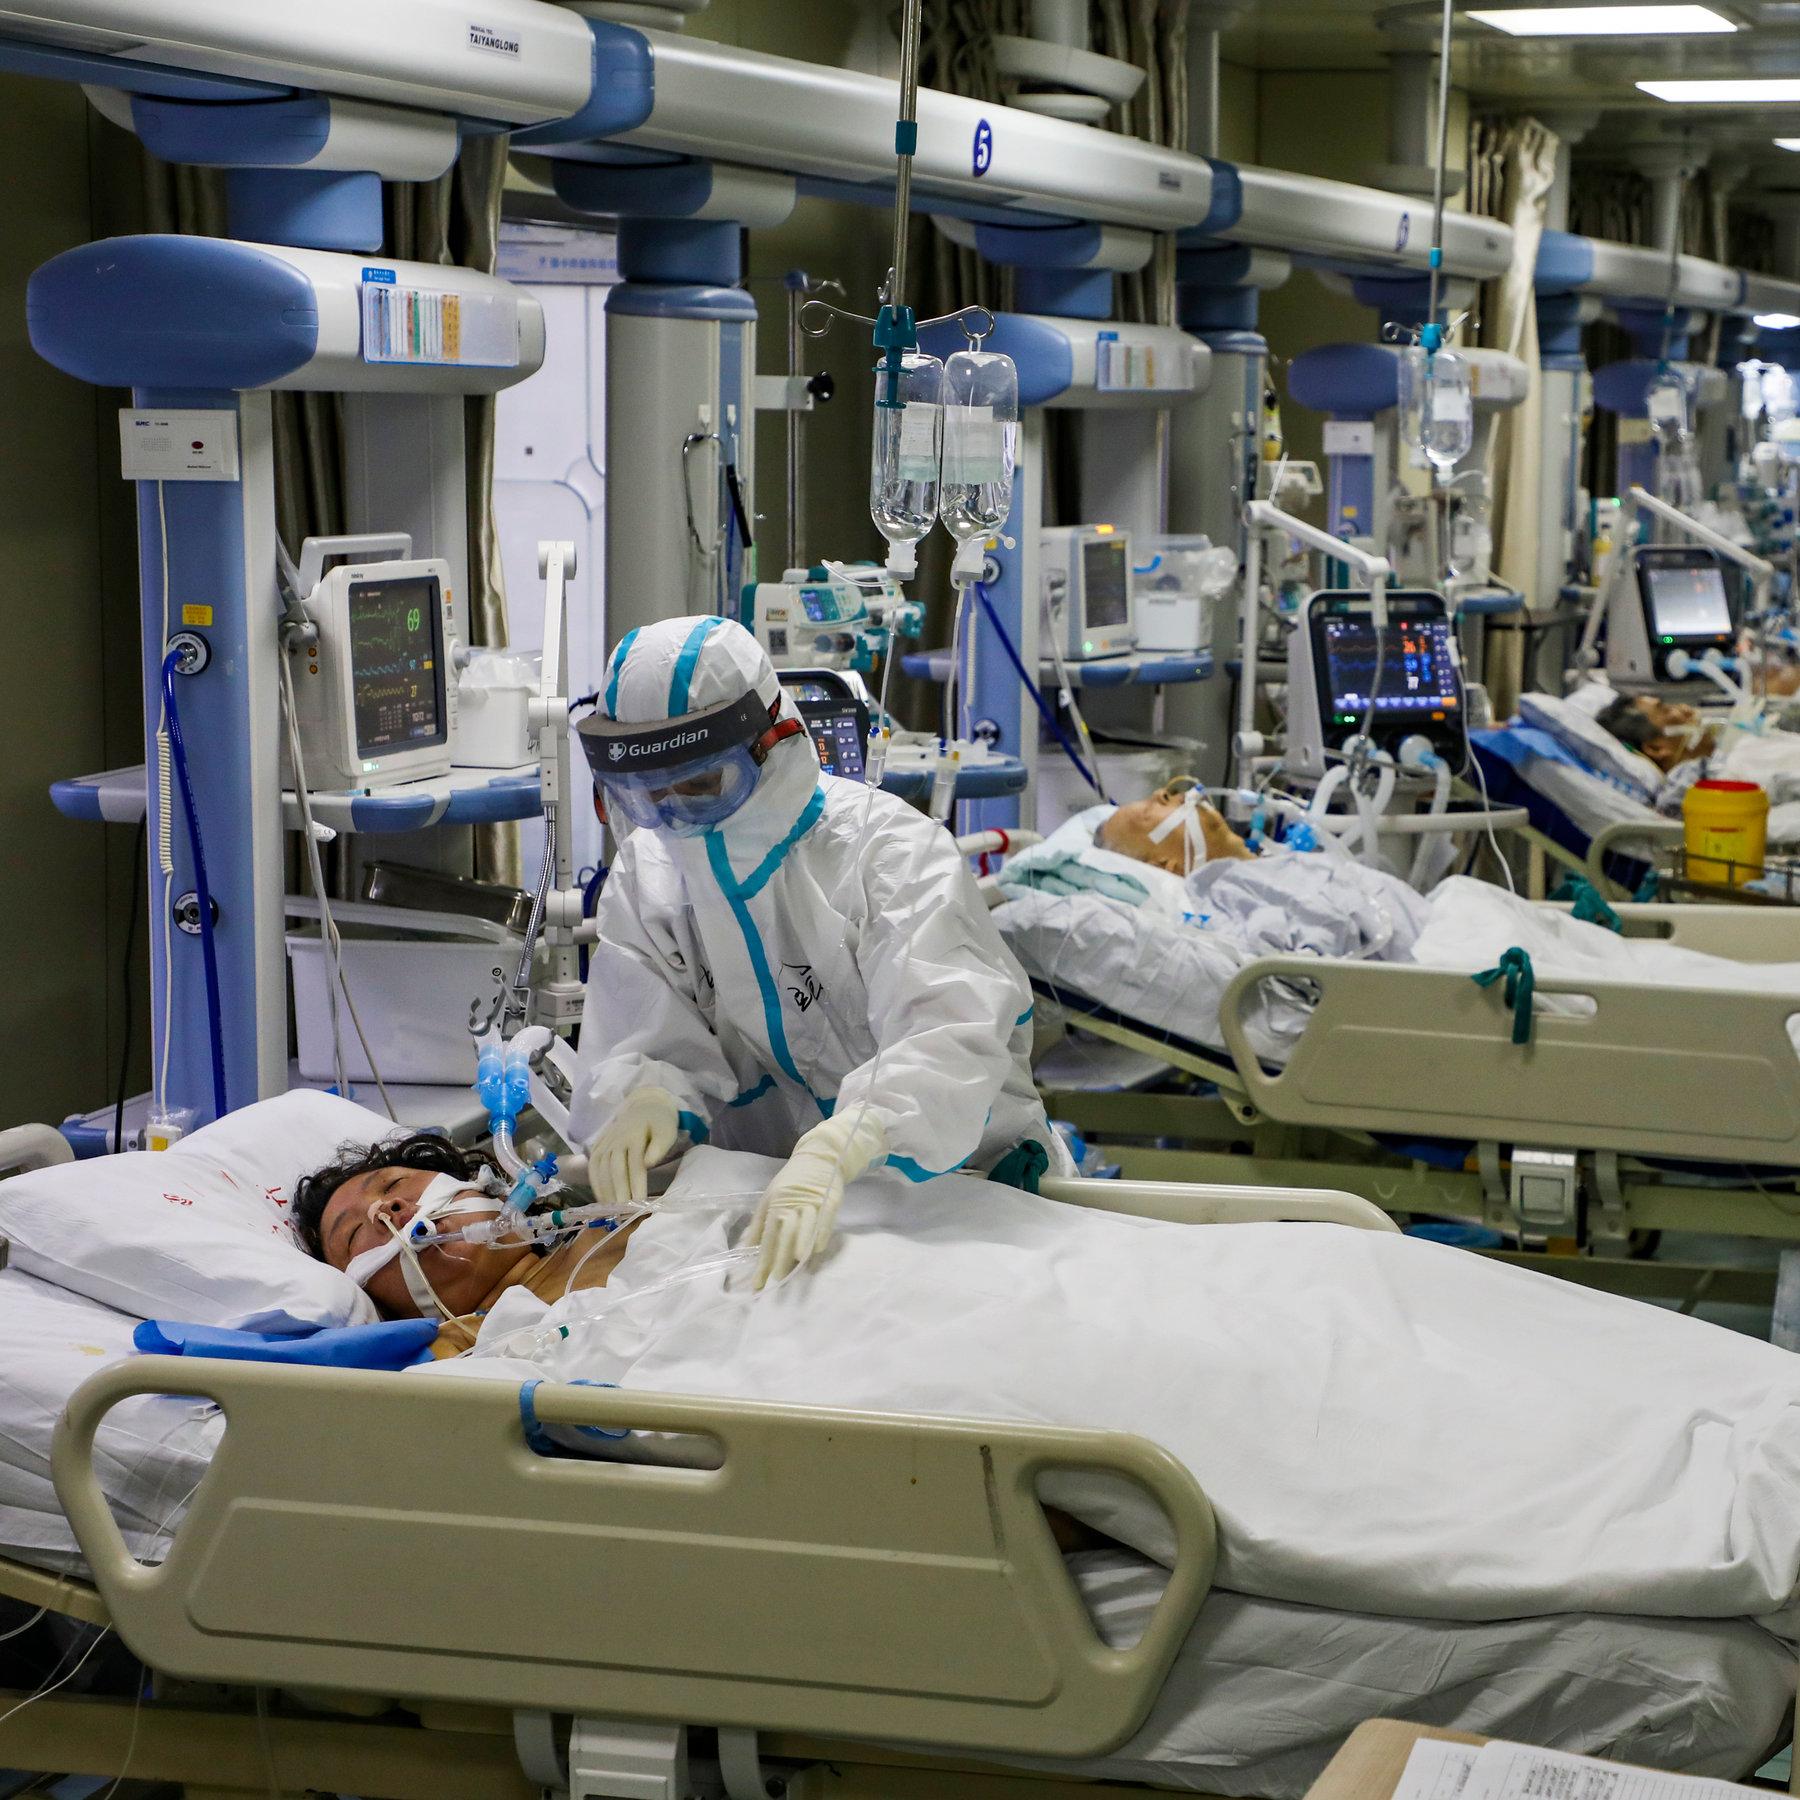 LAS HOSPITALIZACIONES POR COVID-19 EN FLORIDA AUMENTARON UN 68% (123% EN MIAMI-DADE)